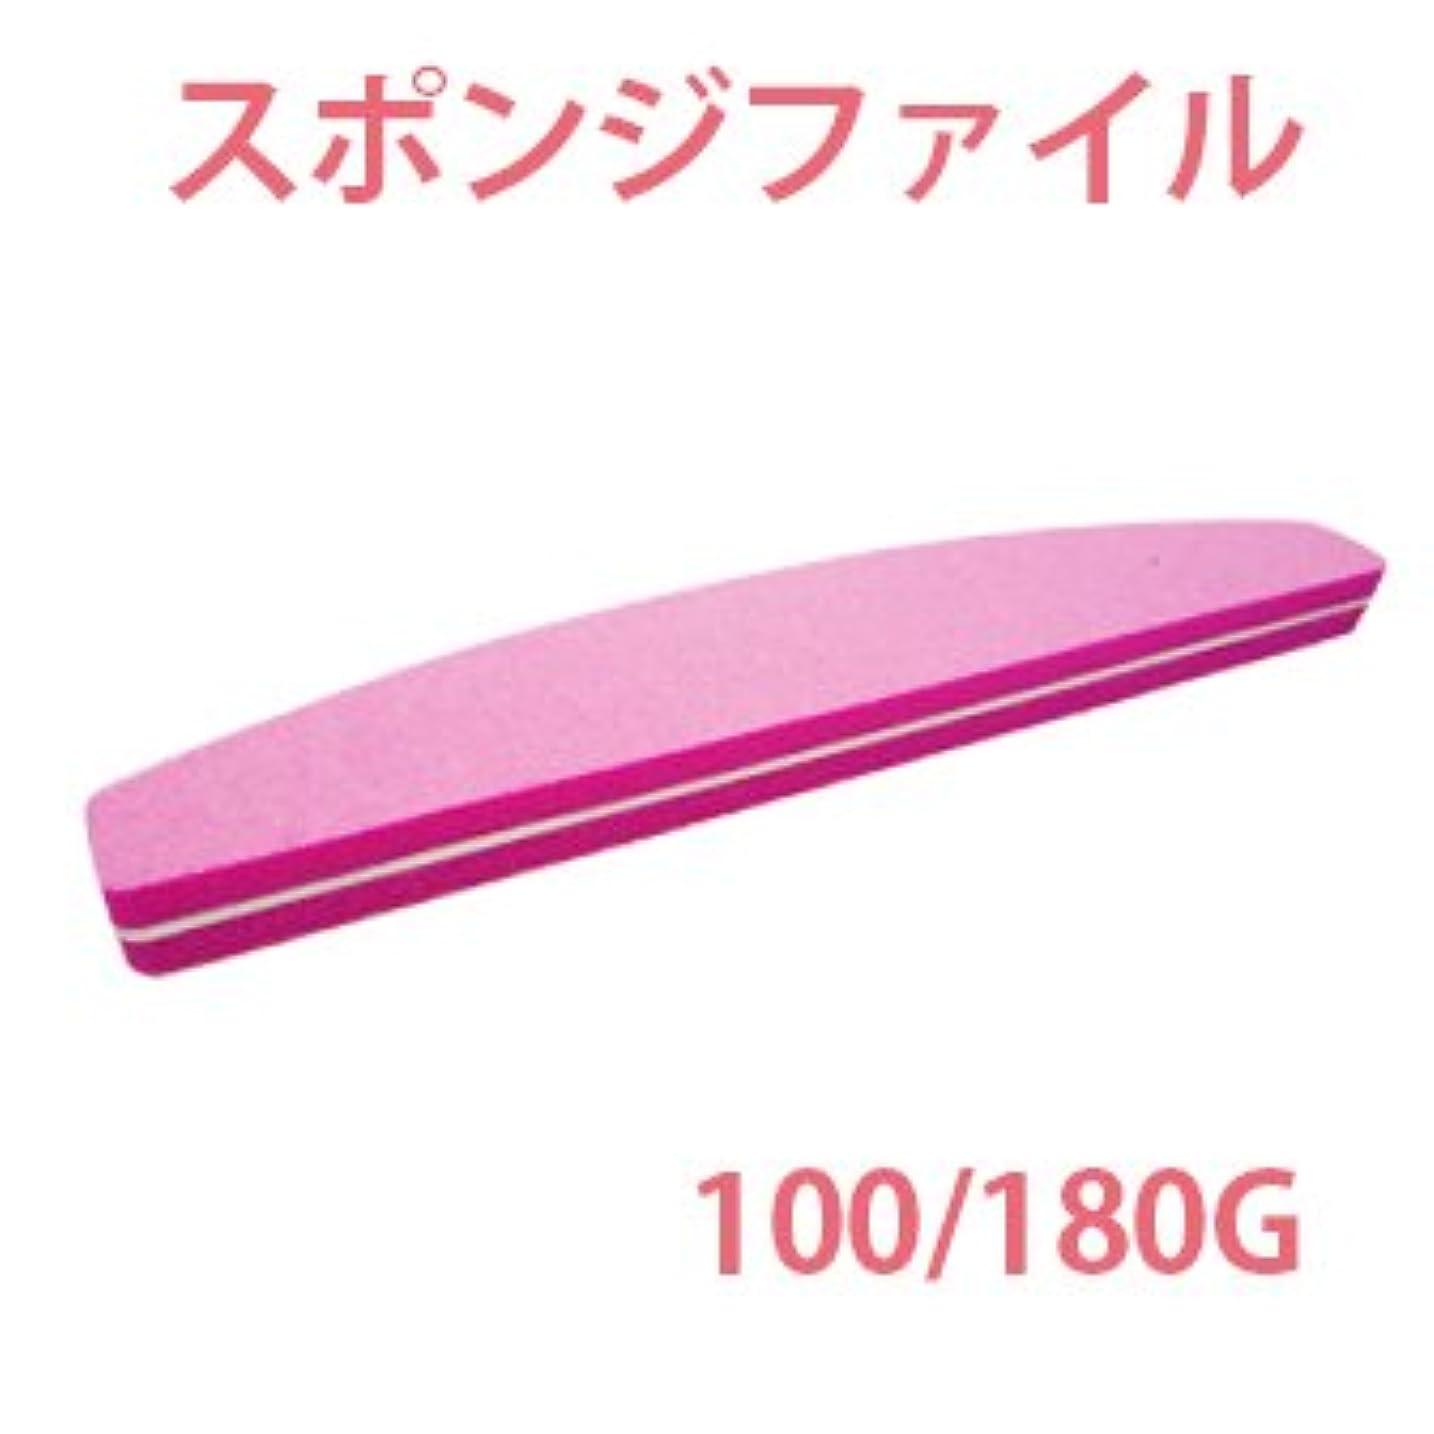 侵入長々とまたはどちらかスポンジファイル バッファー 100/180G ピンク